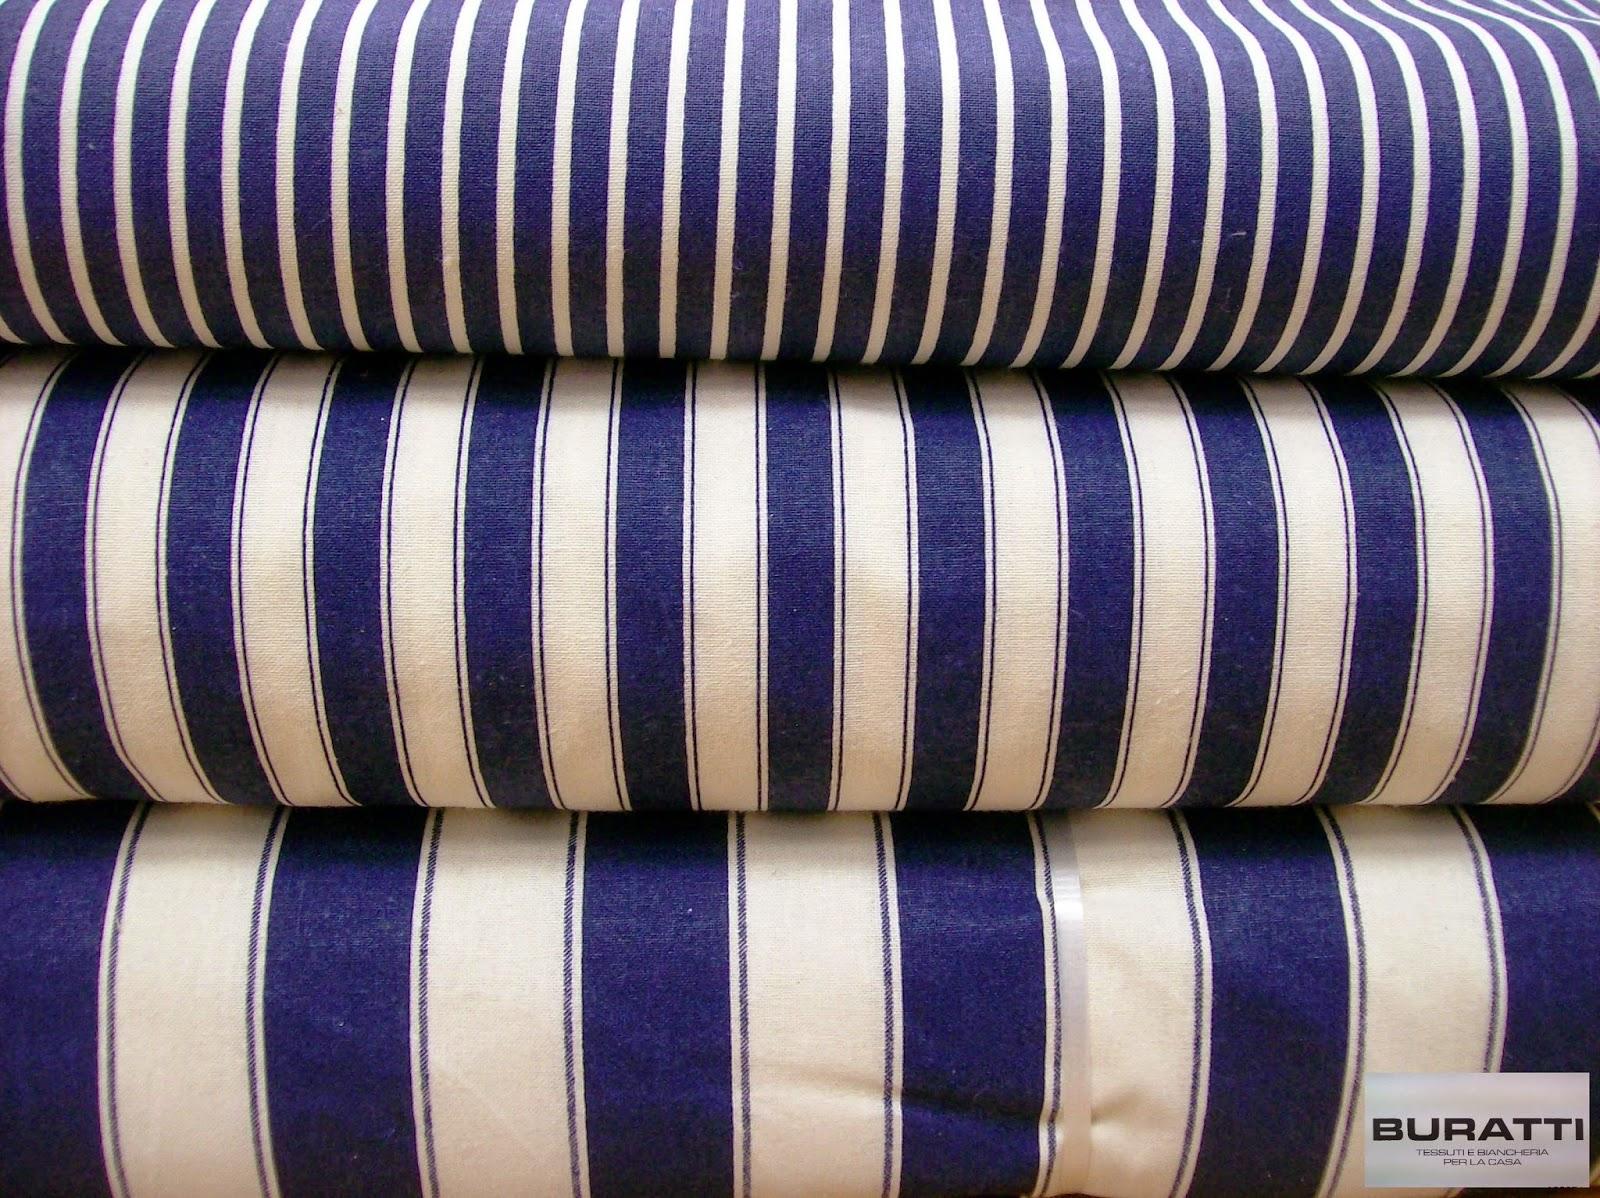 buratti tessuti e biancheria per la casa: tessuti da arredamento ... - Tessuti Per Arredamento